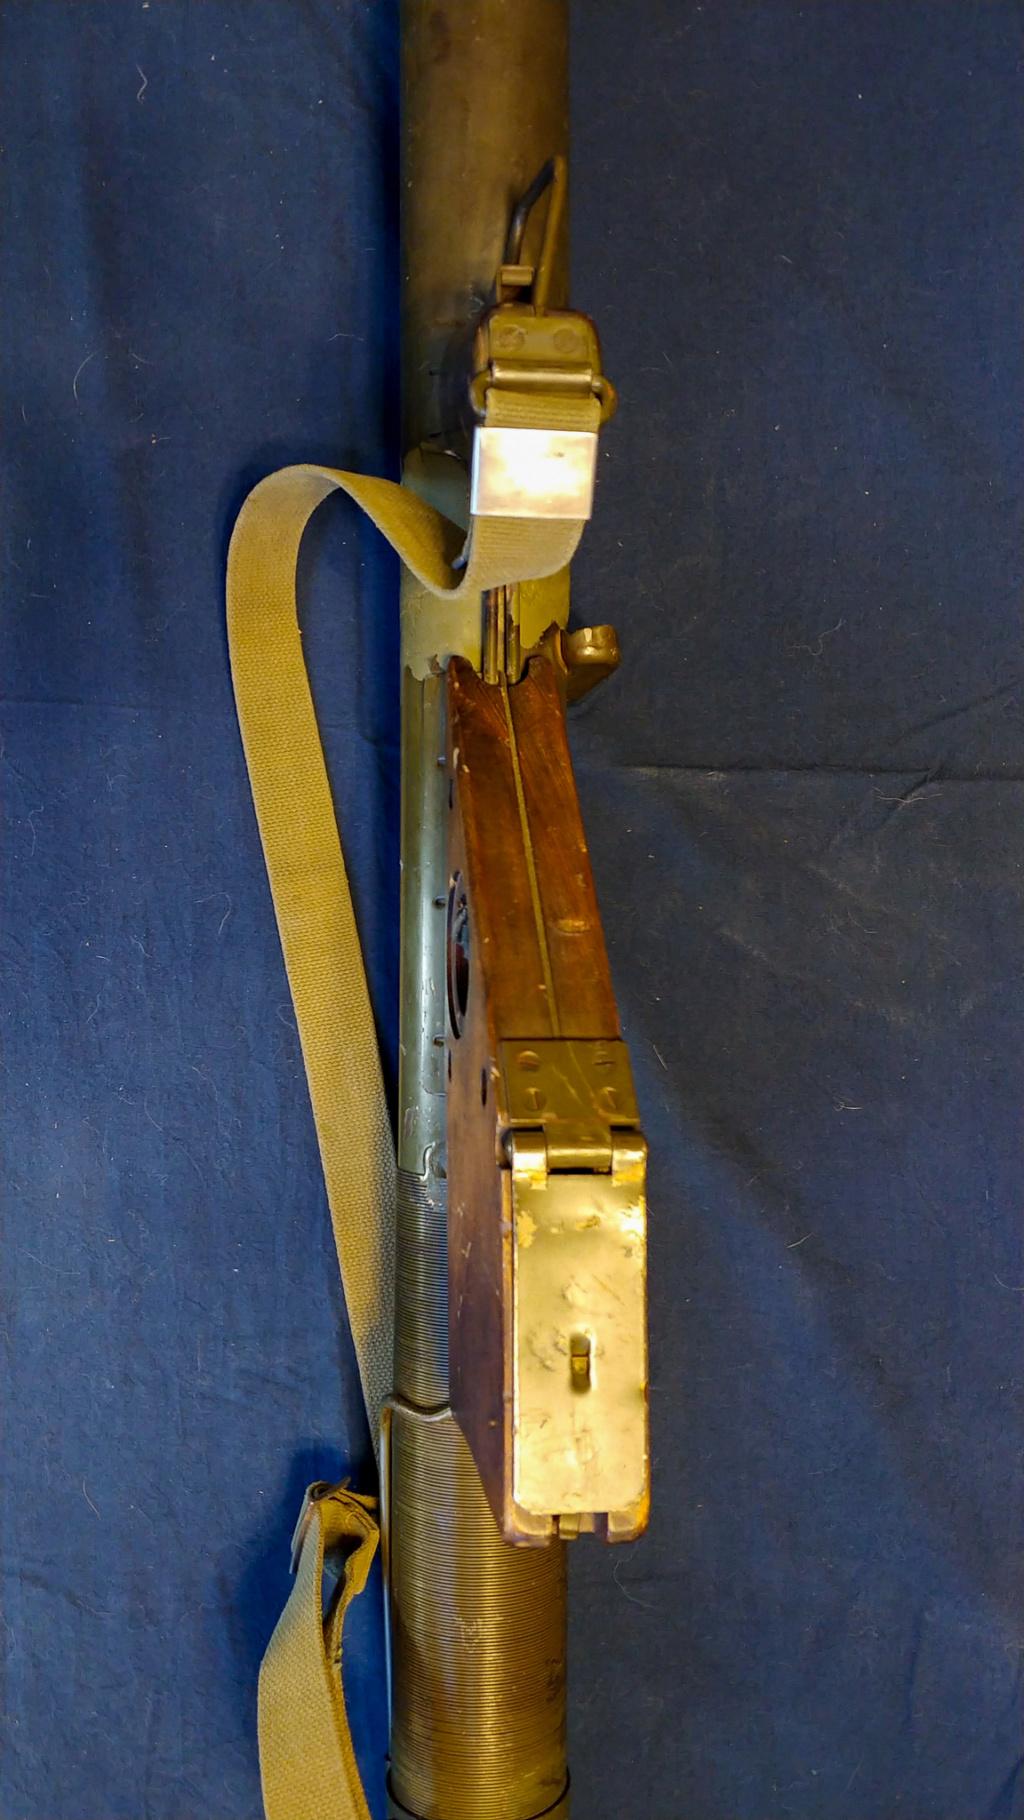 Le lance roquette * U.S. M1 A1 de 2,36 pouces (60mm). ( * Rocket Launcher * ) 10182010